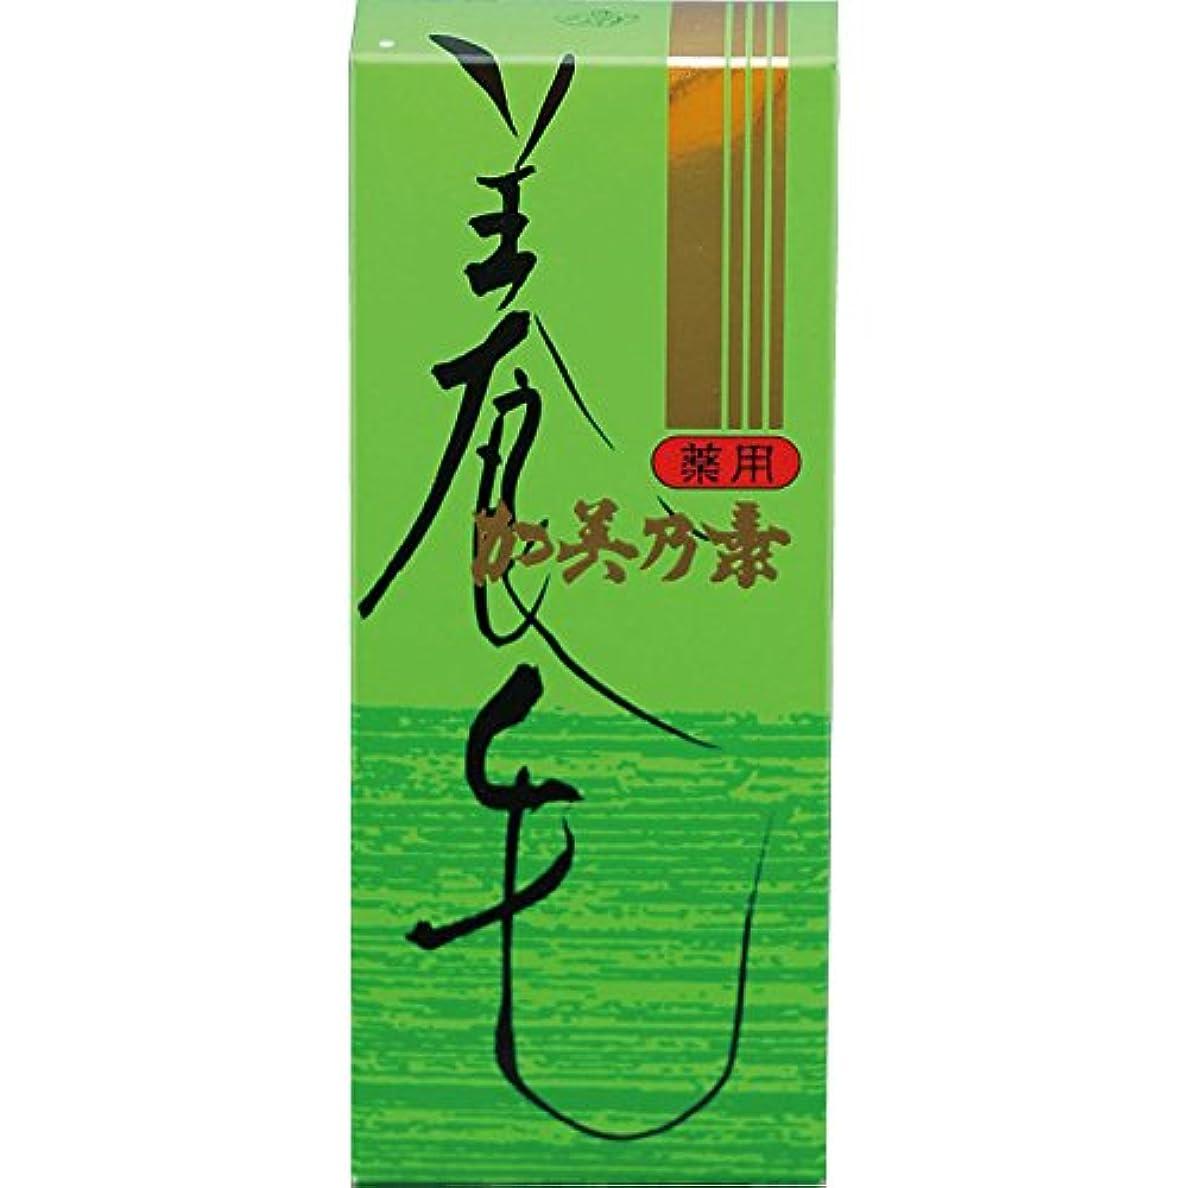 シダアーティストインデックス薬用加美乃素 グリーンフローラルの香り 180mL 【医薬部外品】